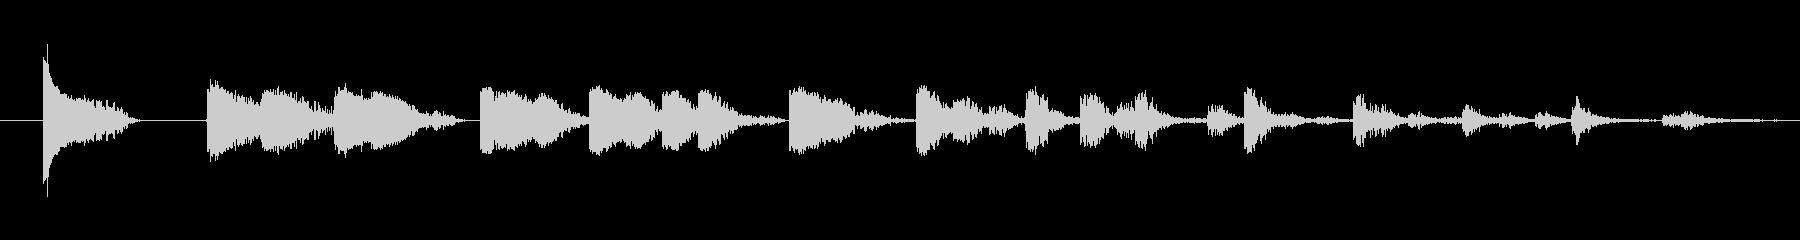 反響 混乱した02をヒットの未再生の波形